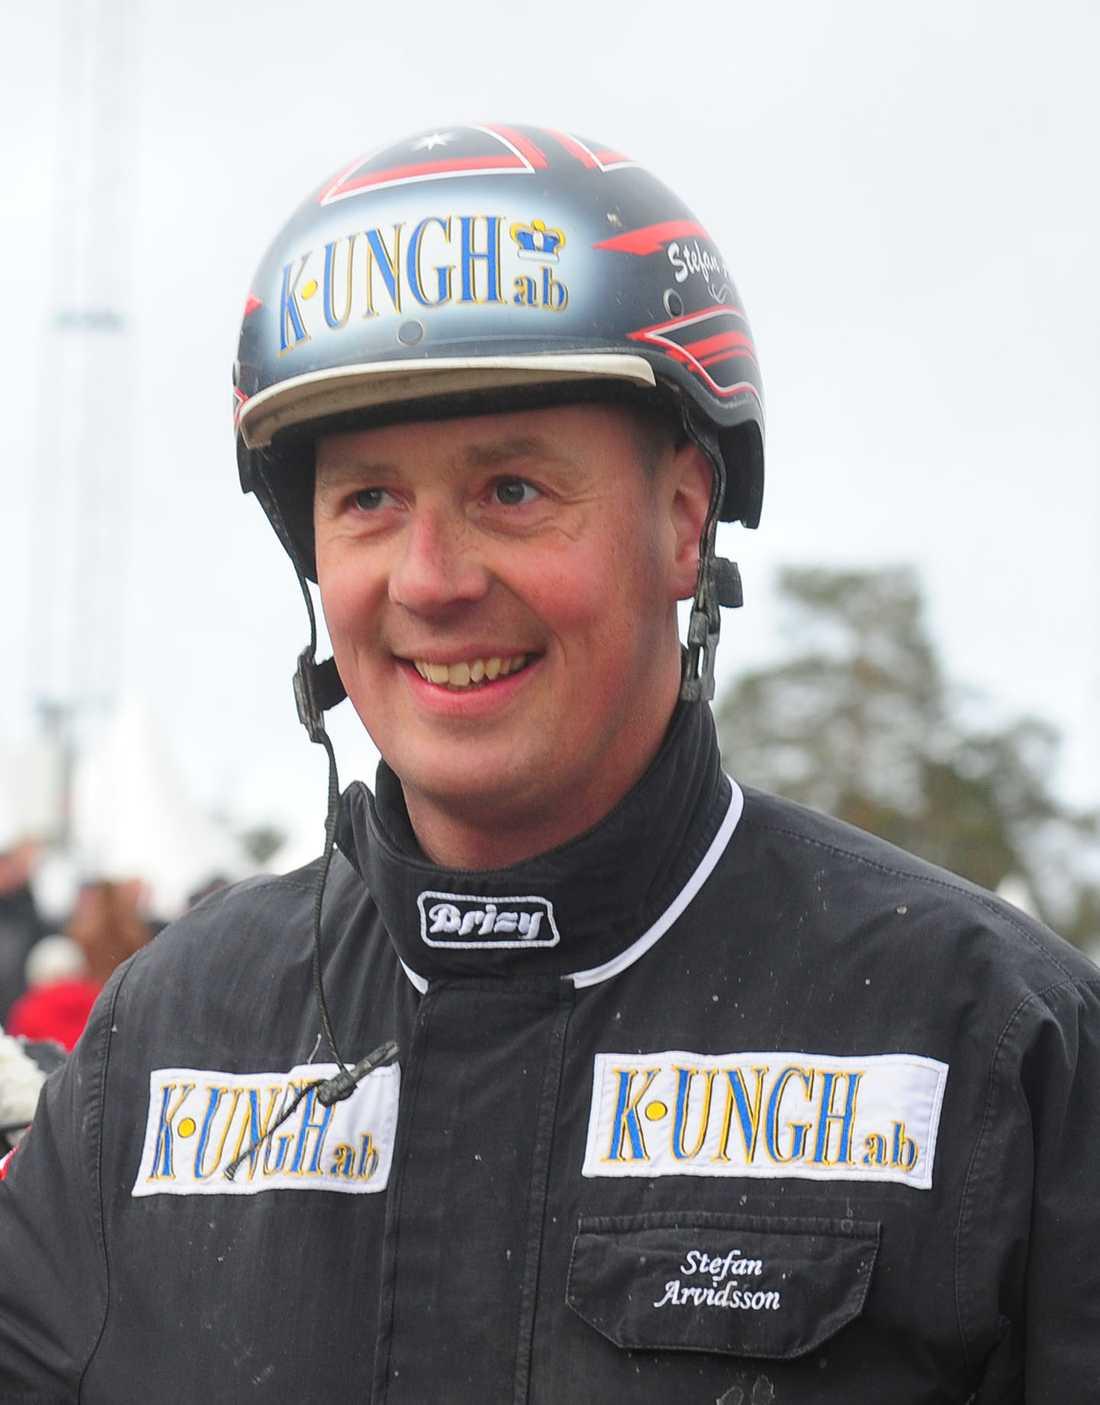 Stefan Arvidsson